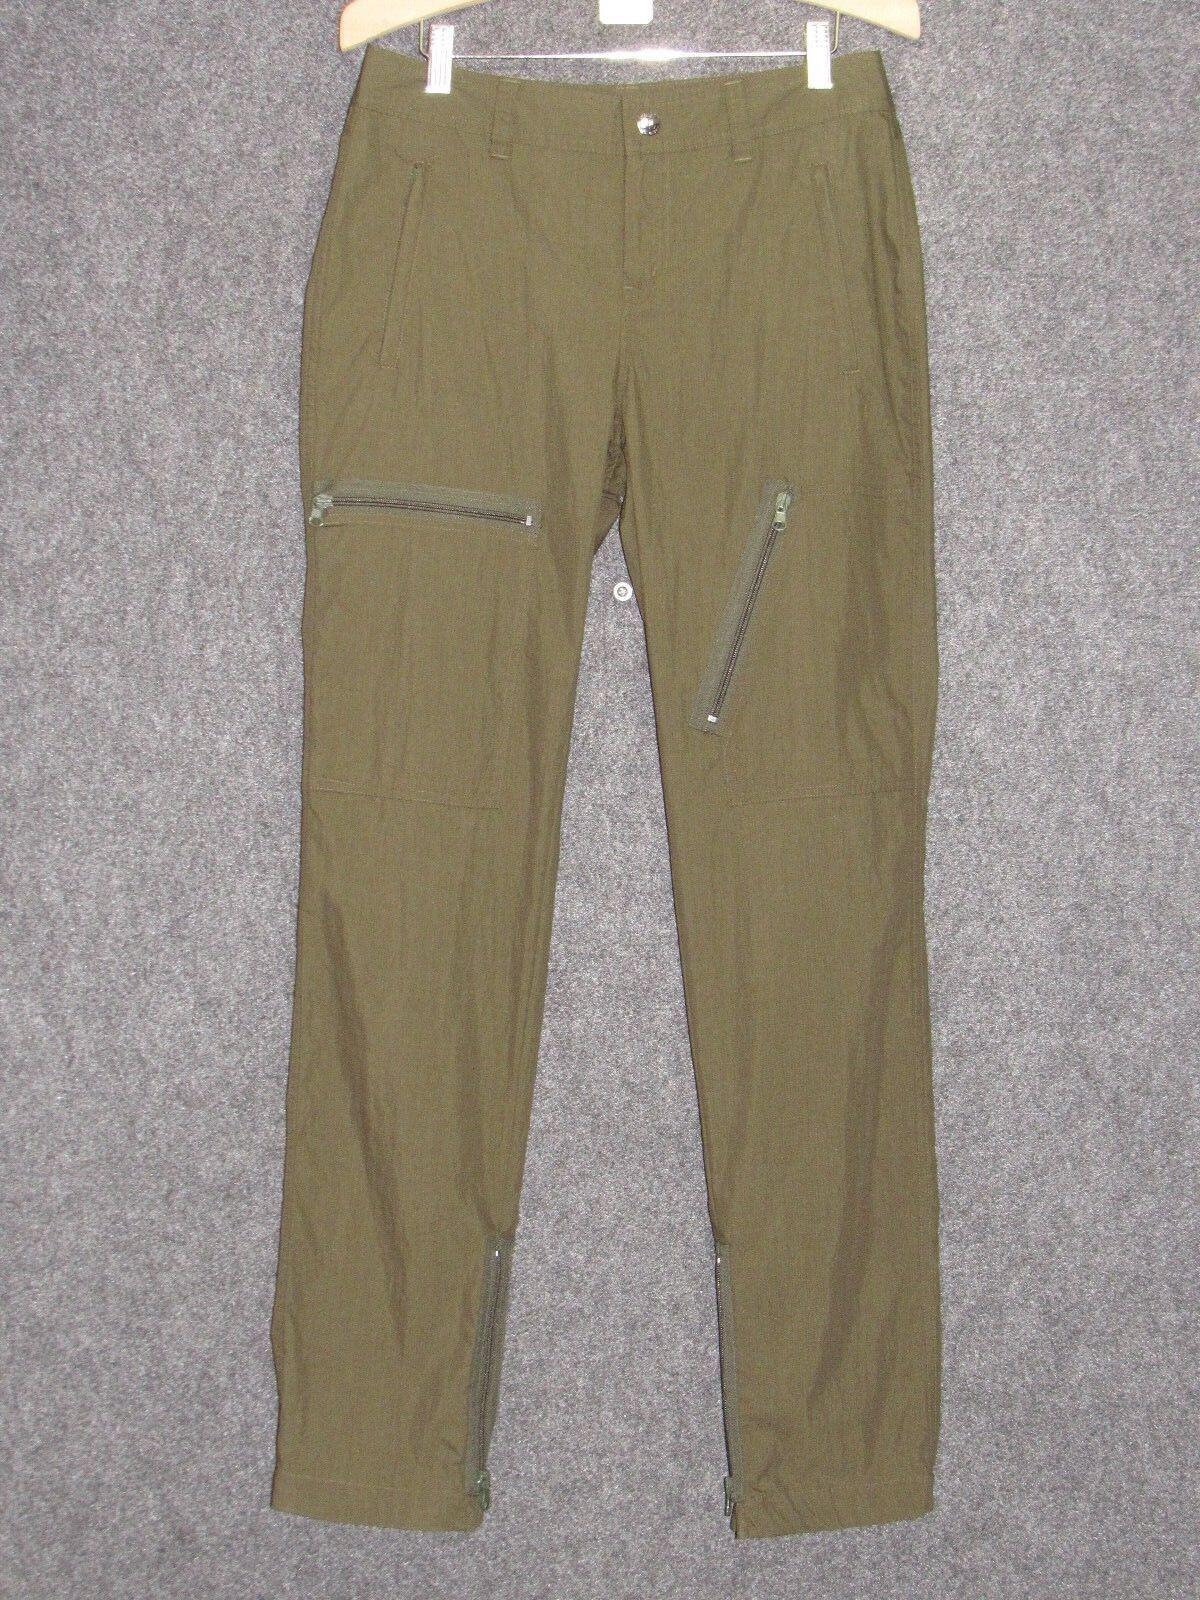 LAUREN ACTIVE RALPH LAUREN Green Cotton Cargo Pants SZ 2 NEW